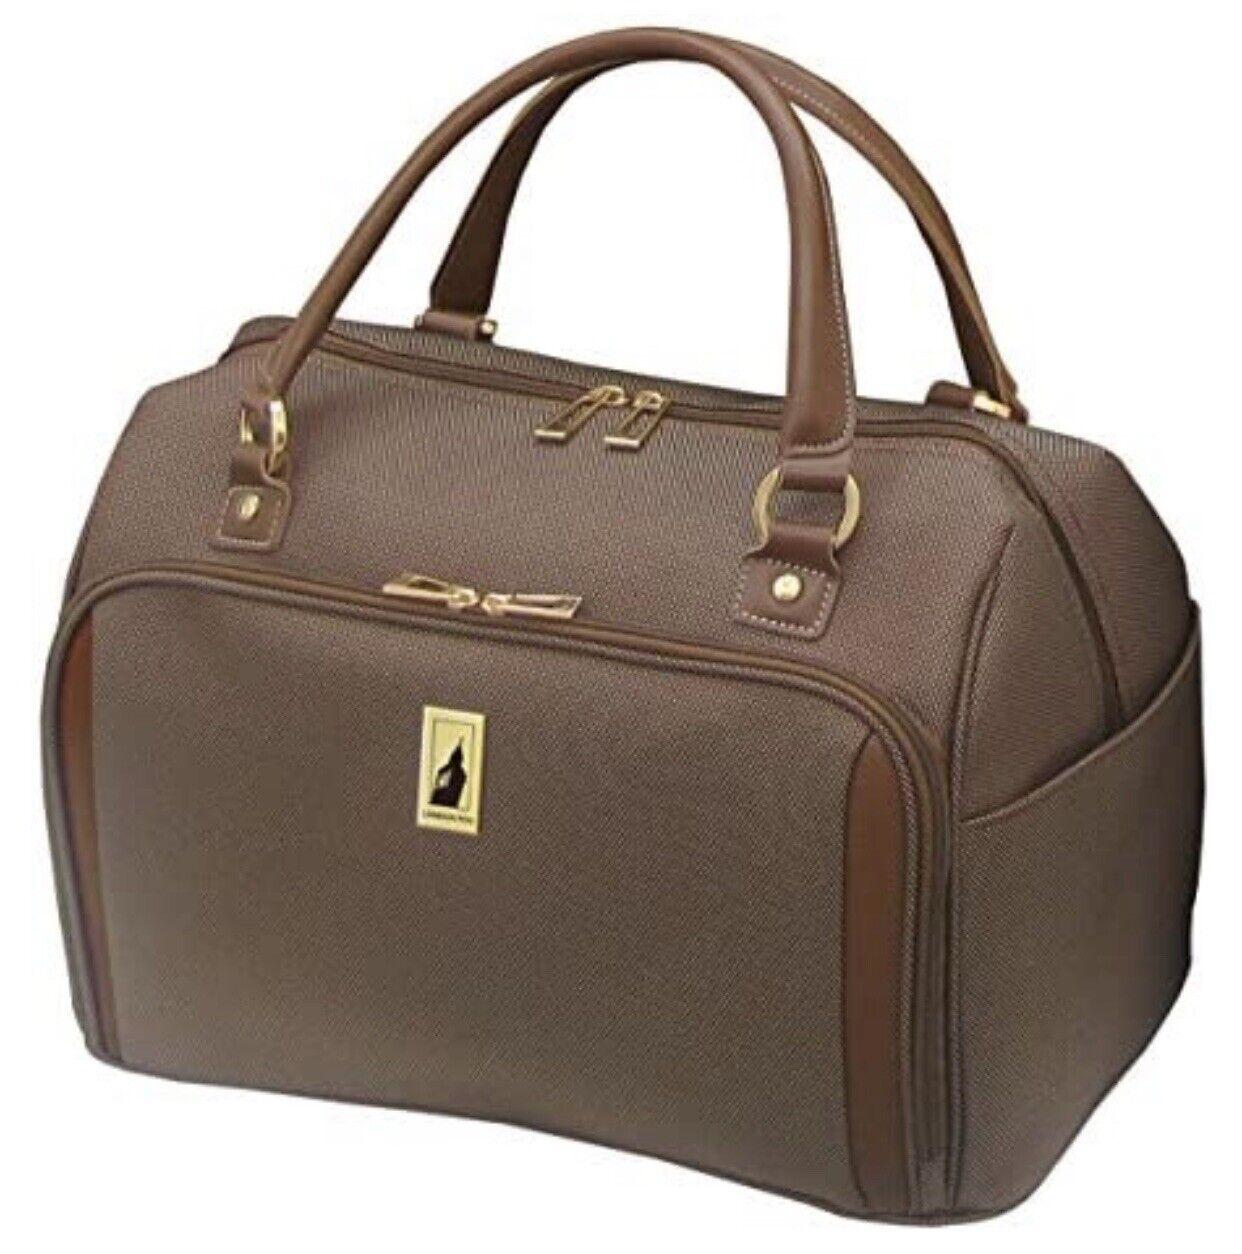 London Fog Coventry Hyperlights 17 Cabin Bag For Sale Online Ebay